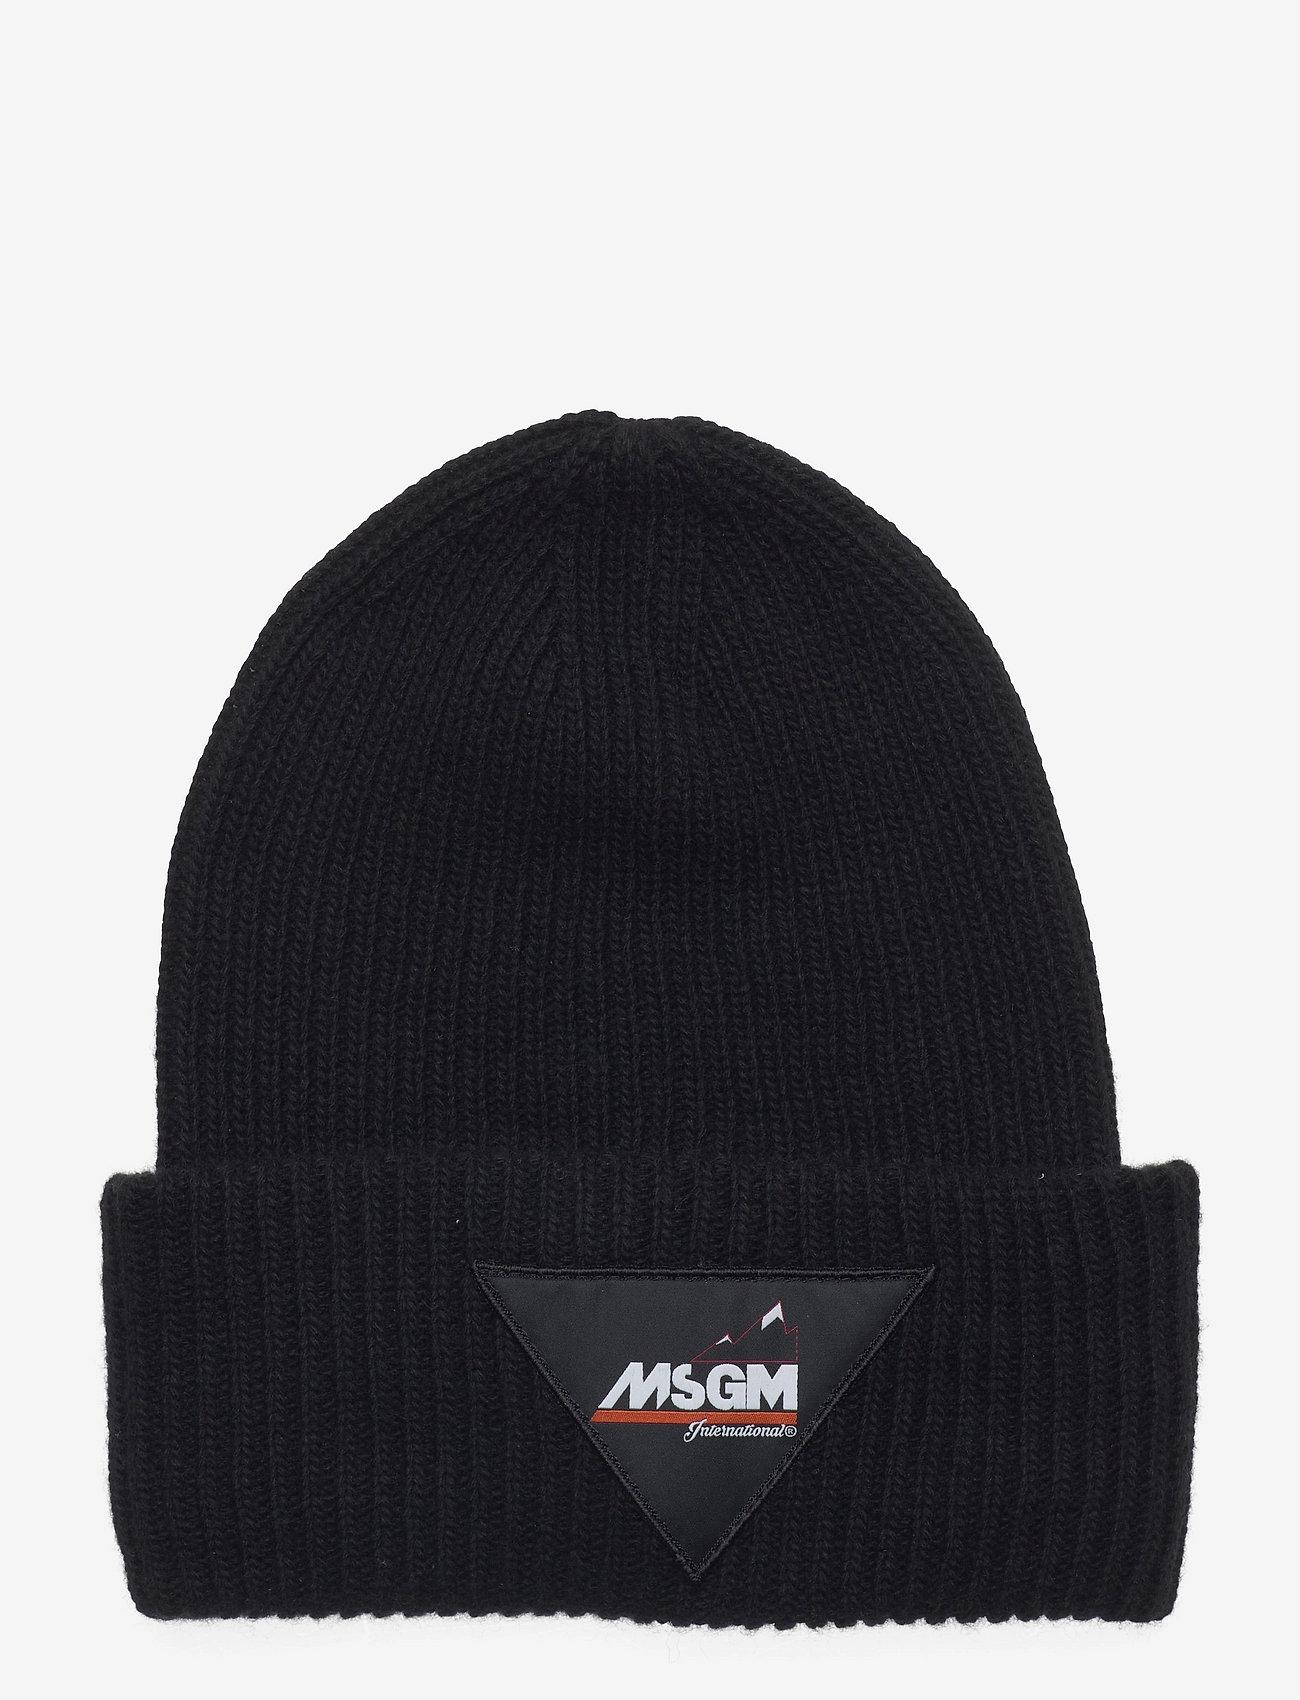 MSGM - Cap - bonnets & casquettes - black - 0